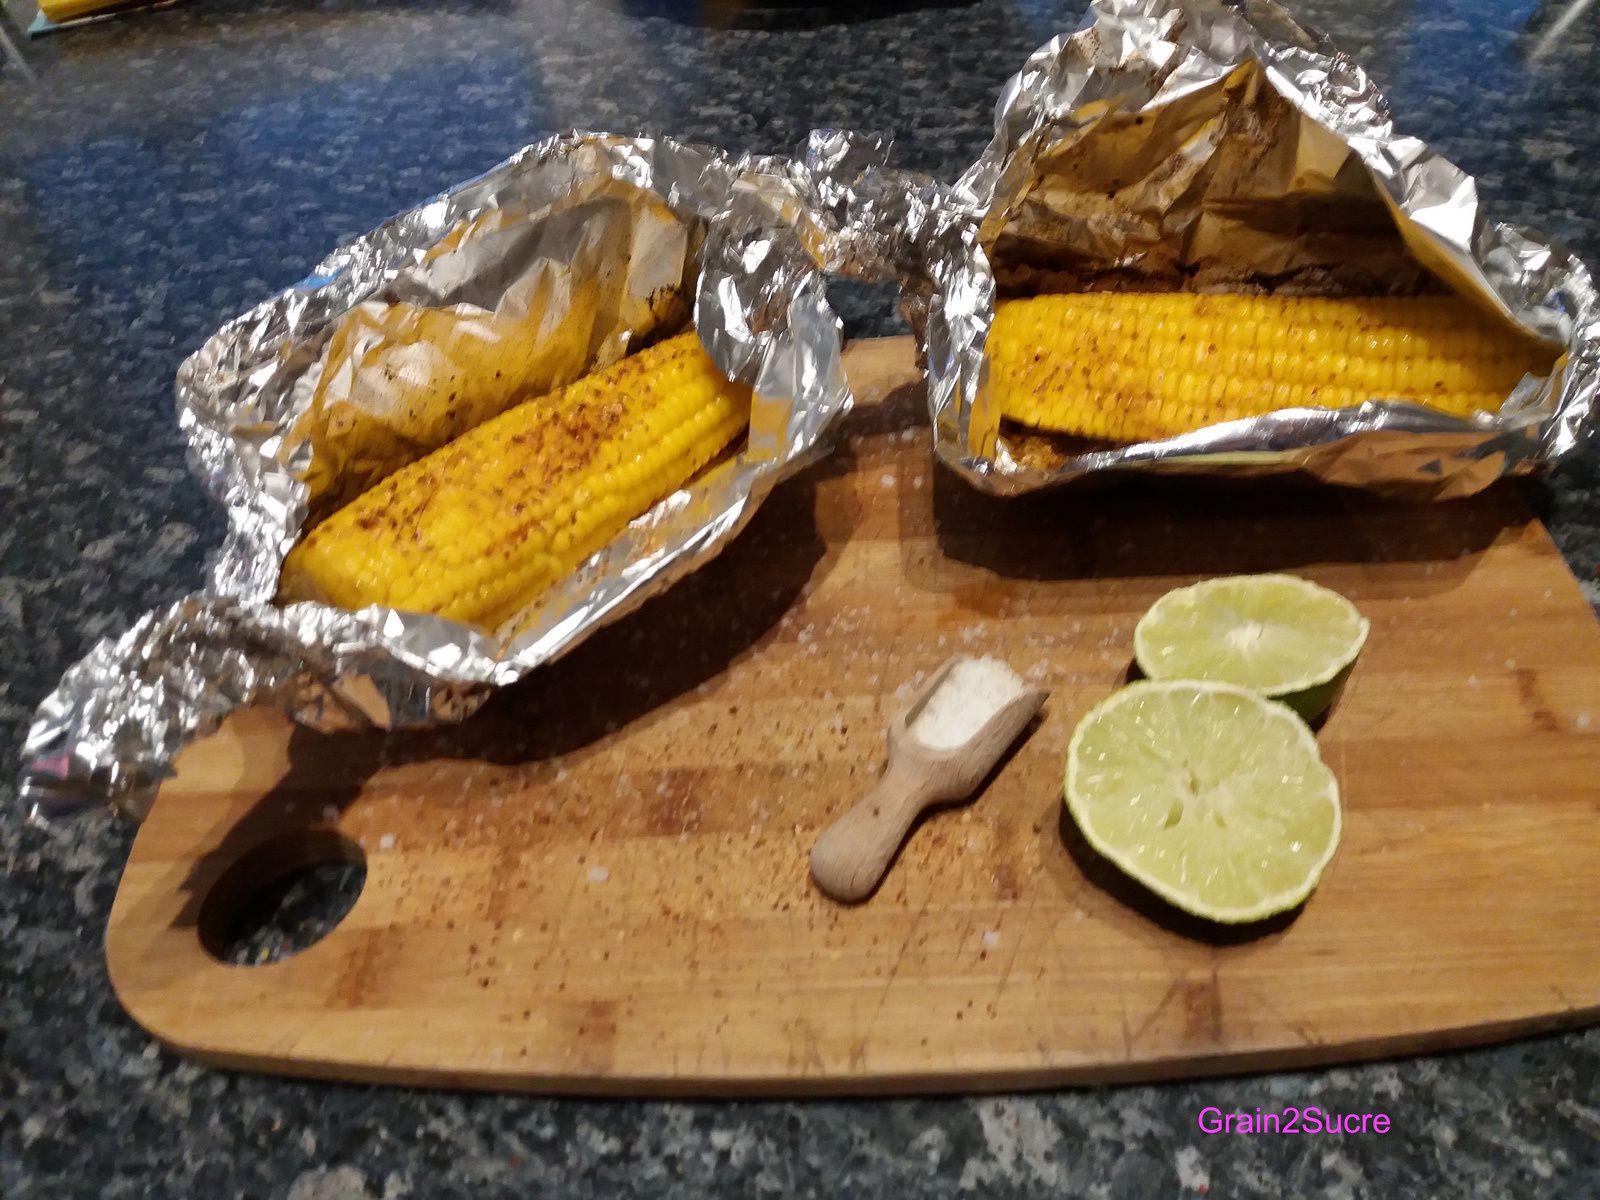 Grain 2Sucre. Epis de maïs au beurre, citron vert et piment d'Espelette, maïs, beurre, sel, piment d'espelette, citron vert